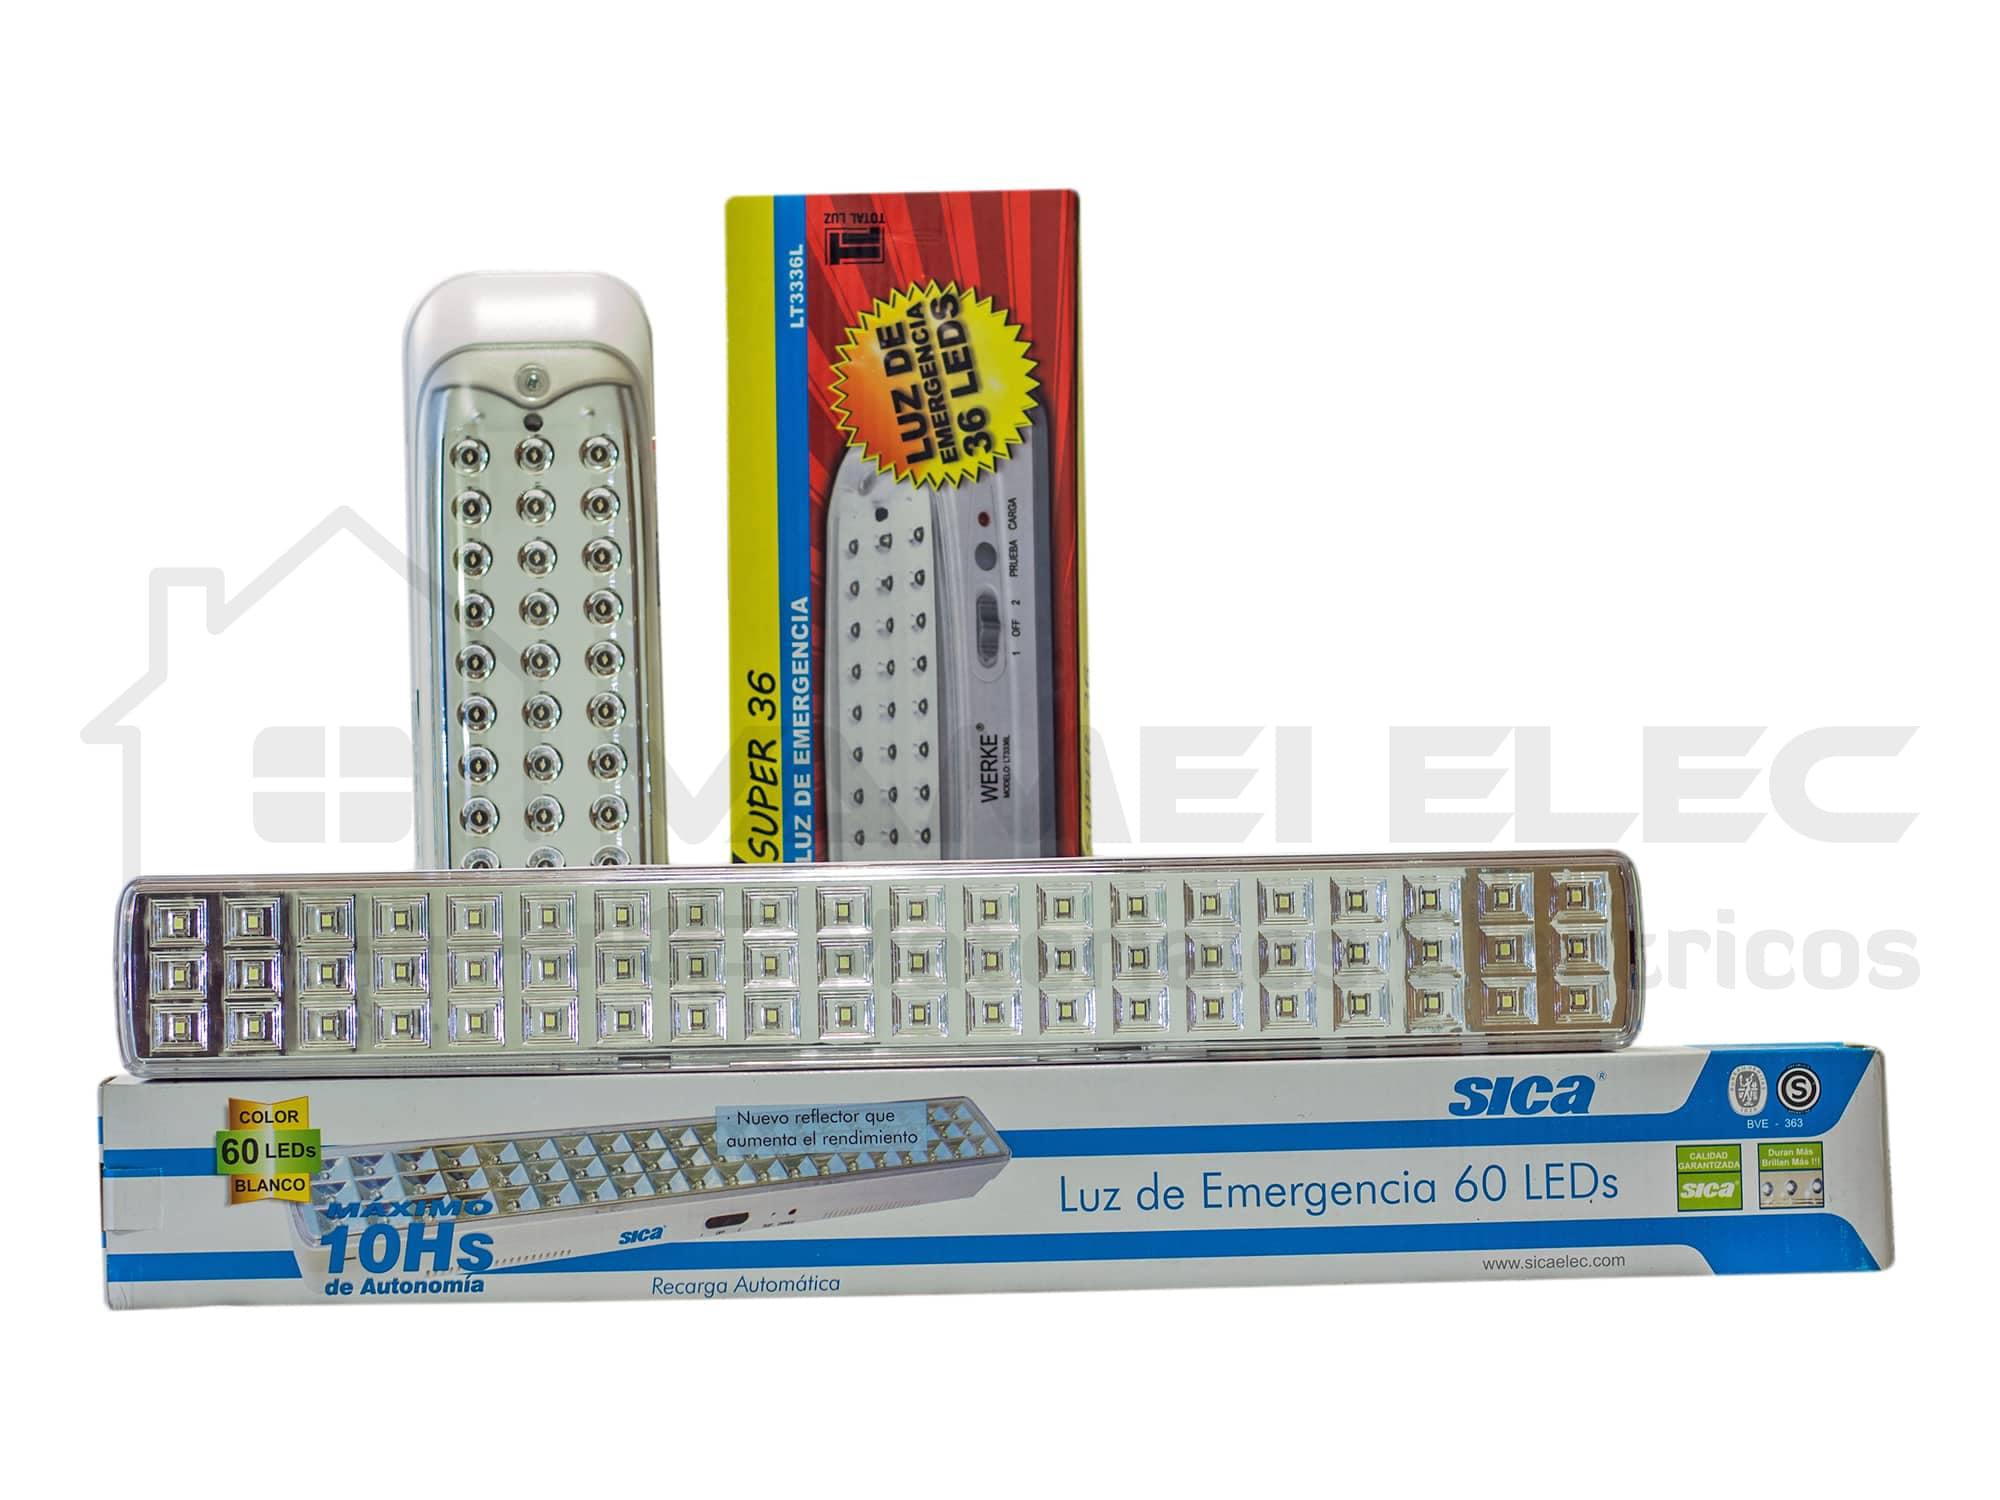 VAMEI Elec - Luz de Emergencia LED